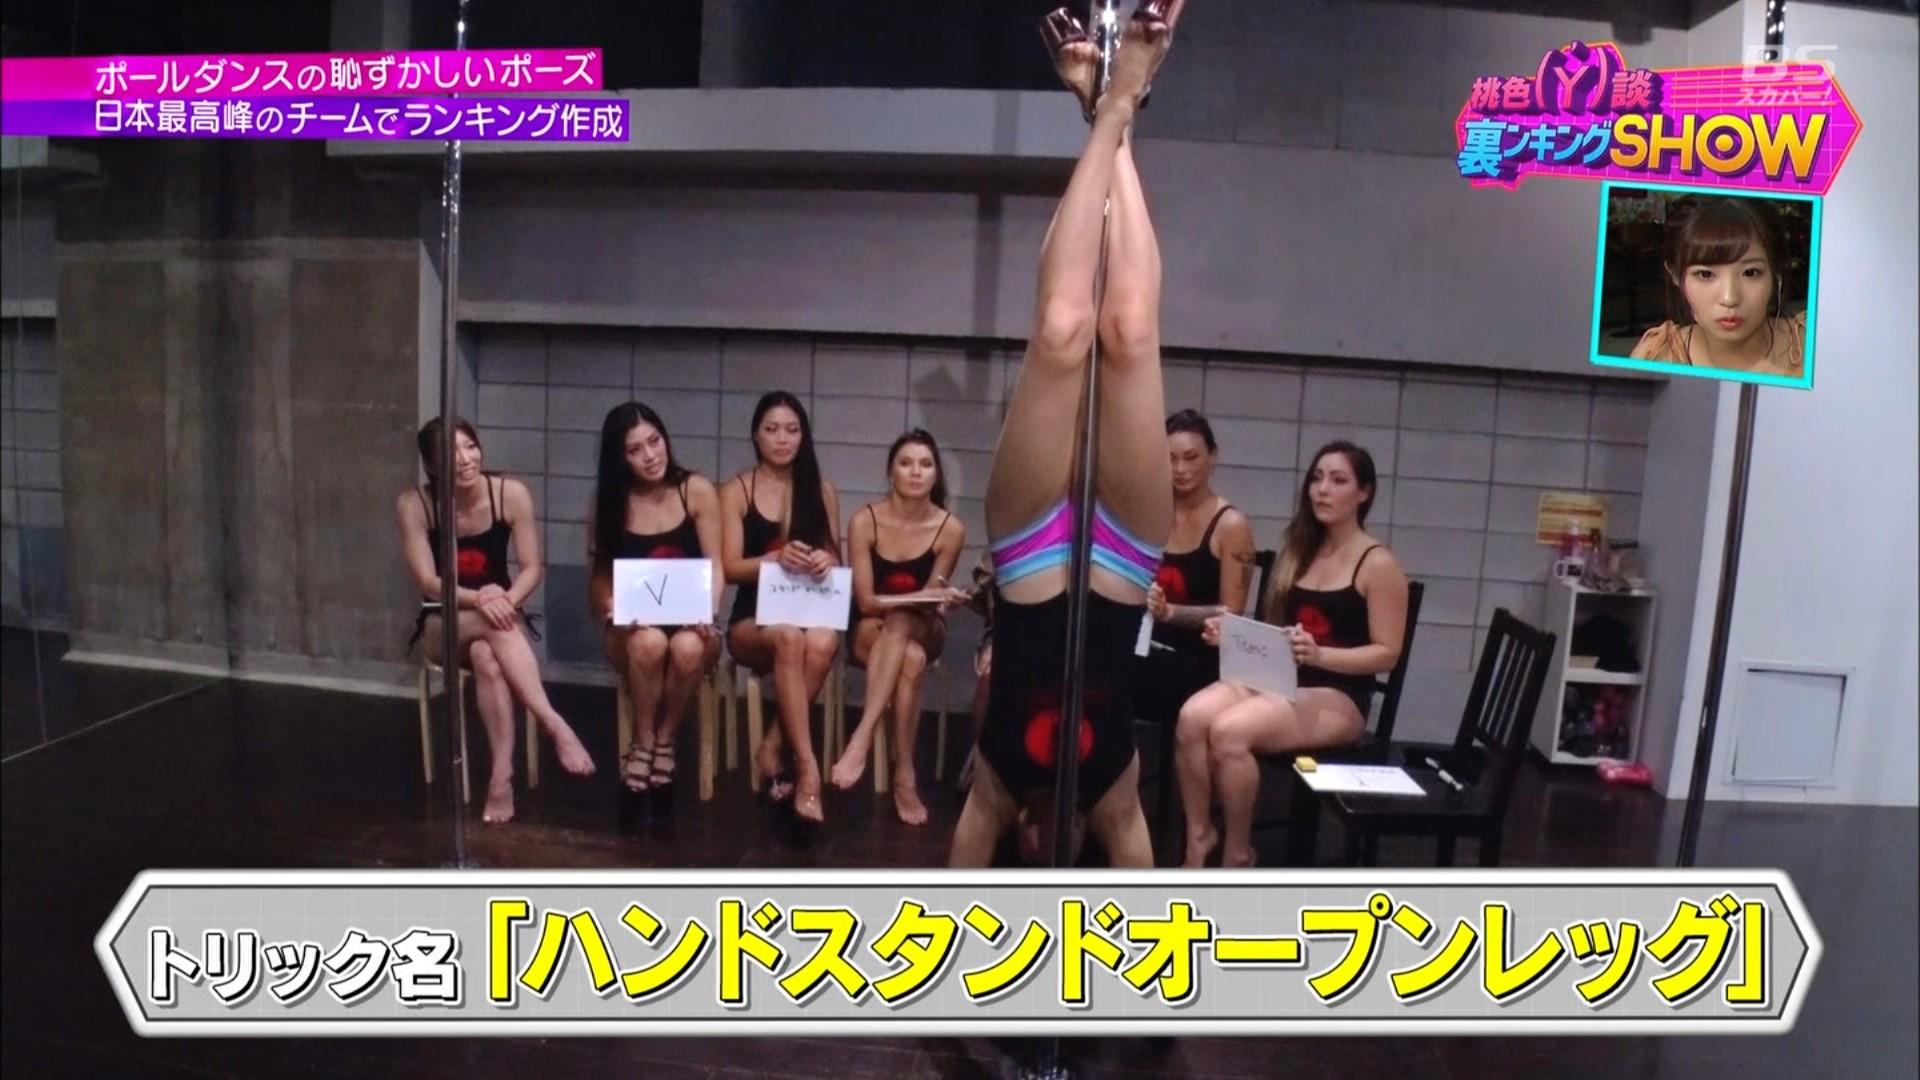 桃色Y談裏ンキングSHOW♯1のテレビキャプチャー画像-040